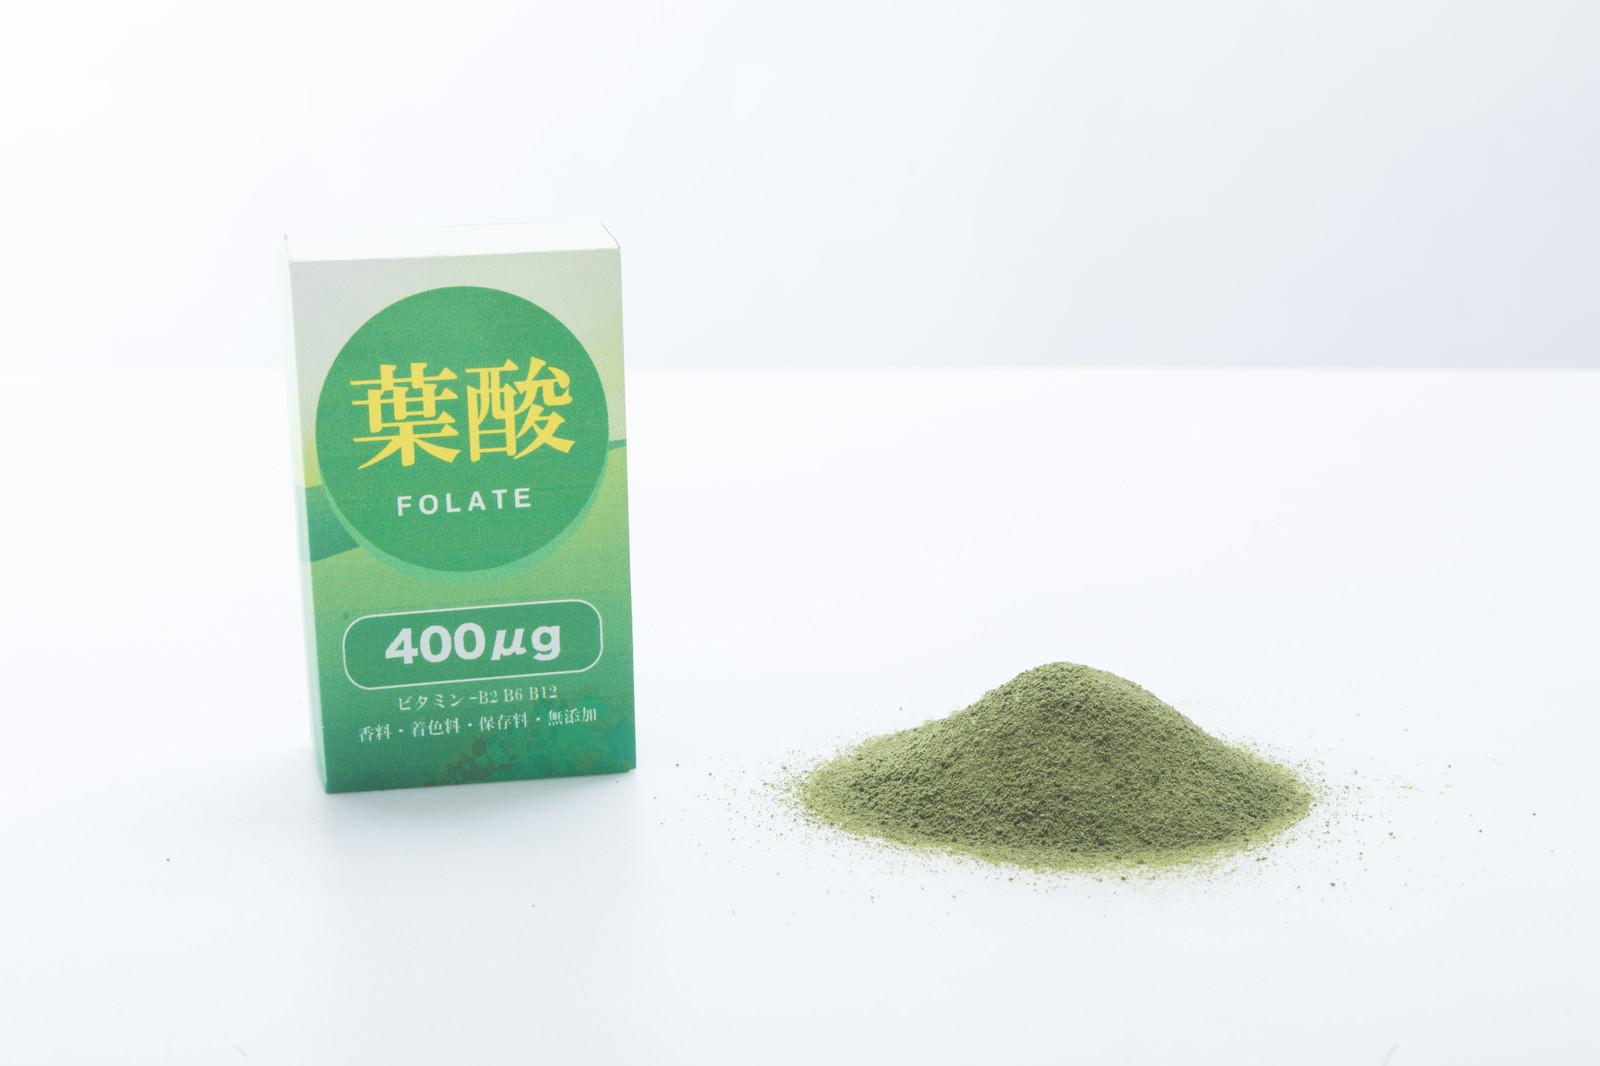 「粉末青汁と葉酸パック」の写真